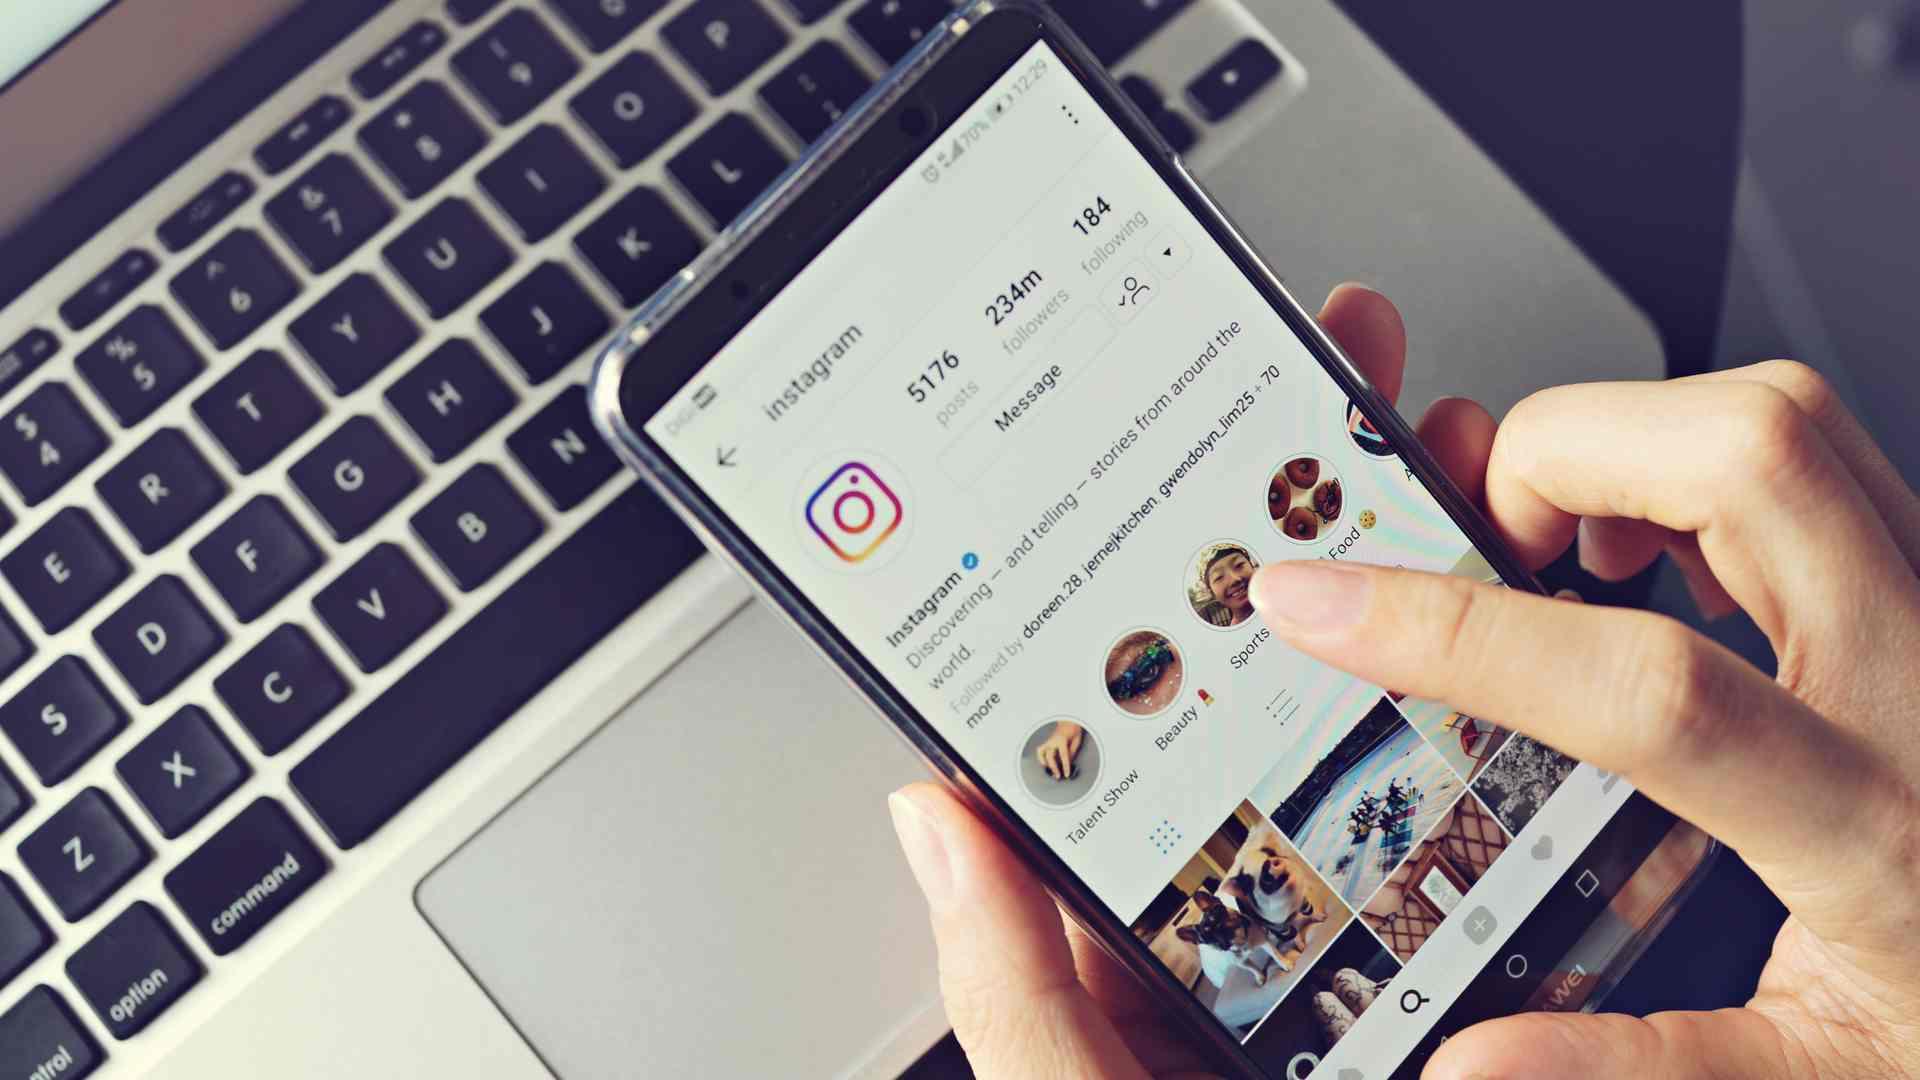 Mãos segurando celular com Instagram aberto na página de perfil do usuário, com um notebook ao fundo